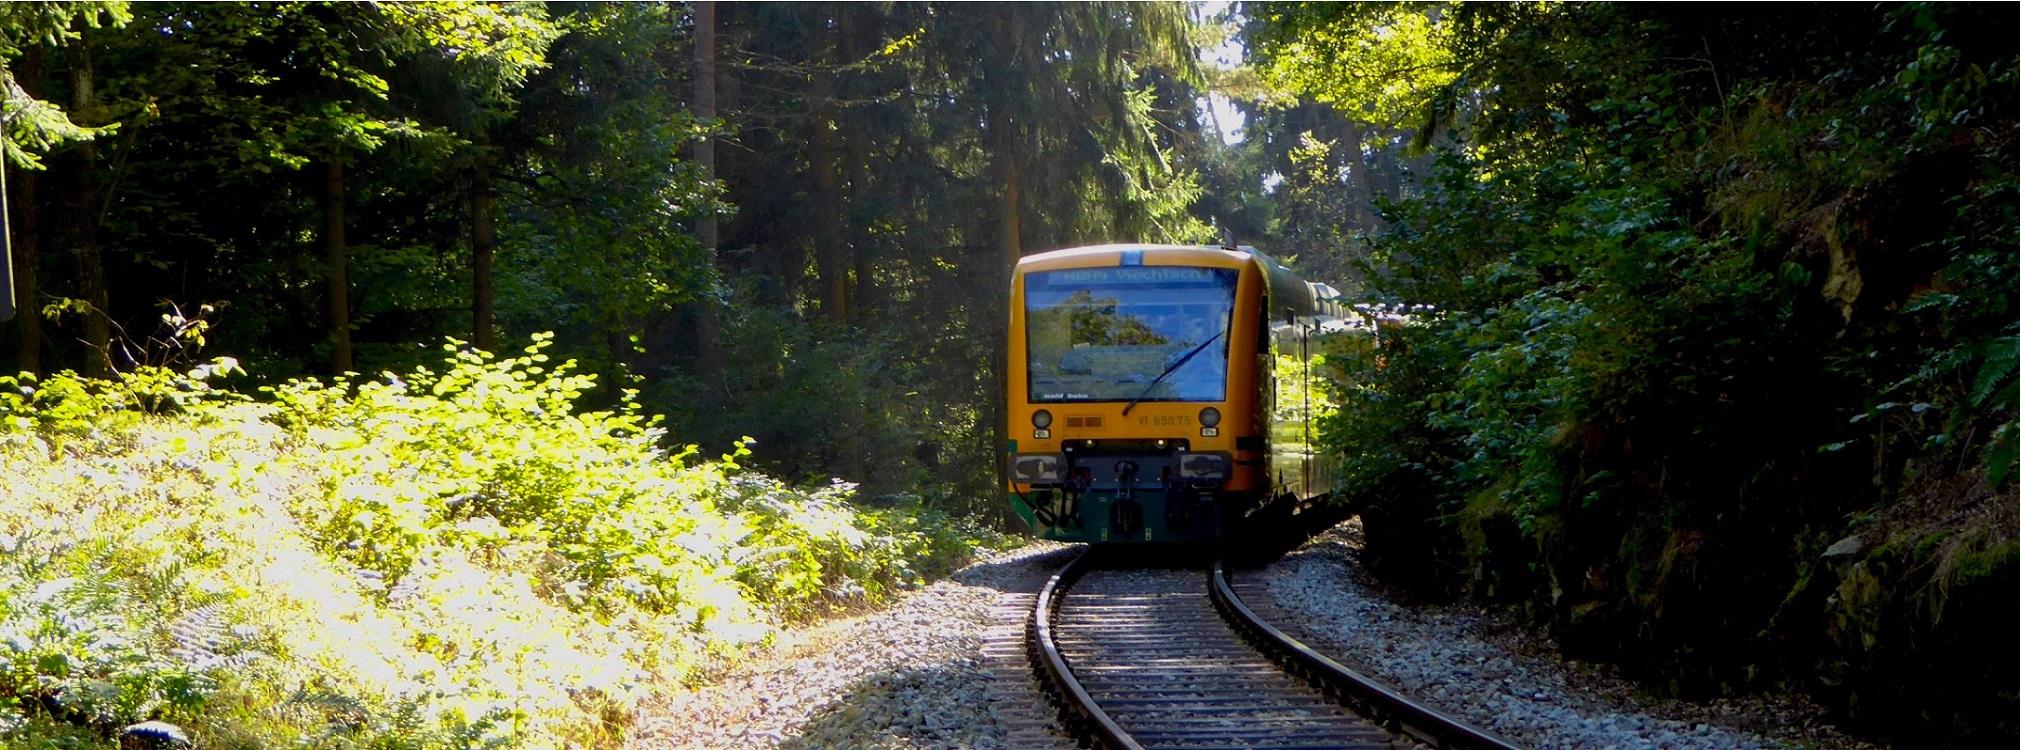 Einheimische und Touristen - mit Bahn und Bus unterwegs im Bayerischen Wald